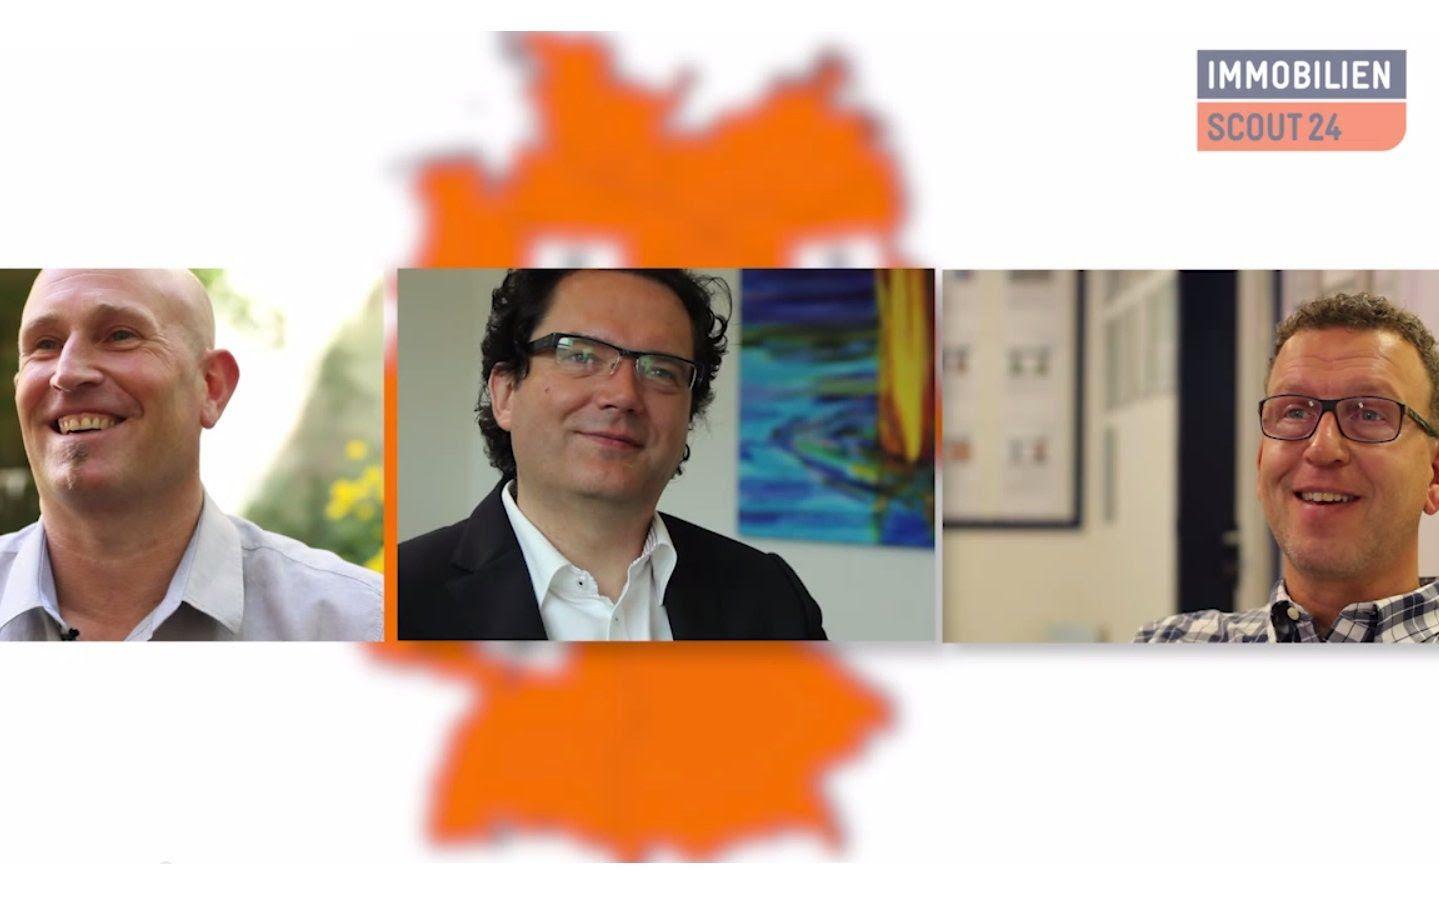 Interview von immobilienscout24 zum neuen Widerrufsrecht für Maklerverträge u.a. mit Mirko Kaminski Immobilienmakler aus Hannover -  mehr dazu im Link, einfach Bild klicken. - gepinnt vom Immobilienmakler in Hannover: arthax-immobilien.de